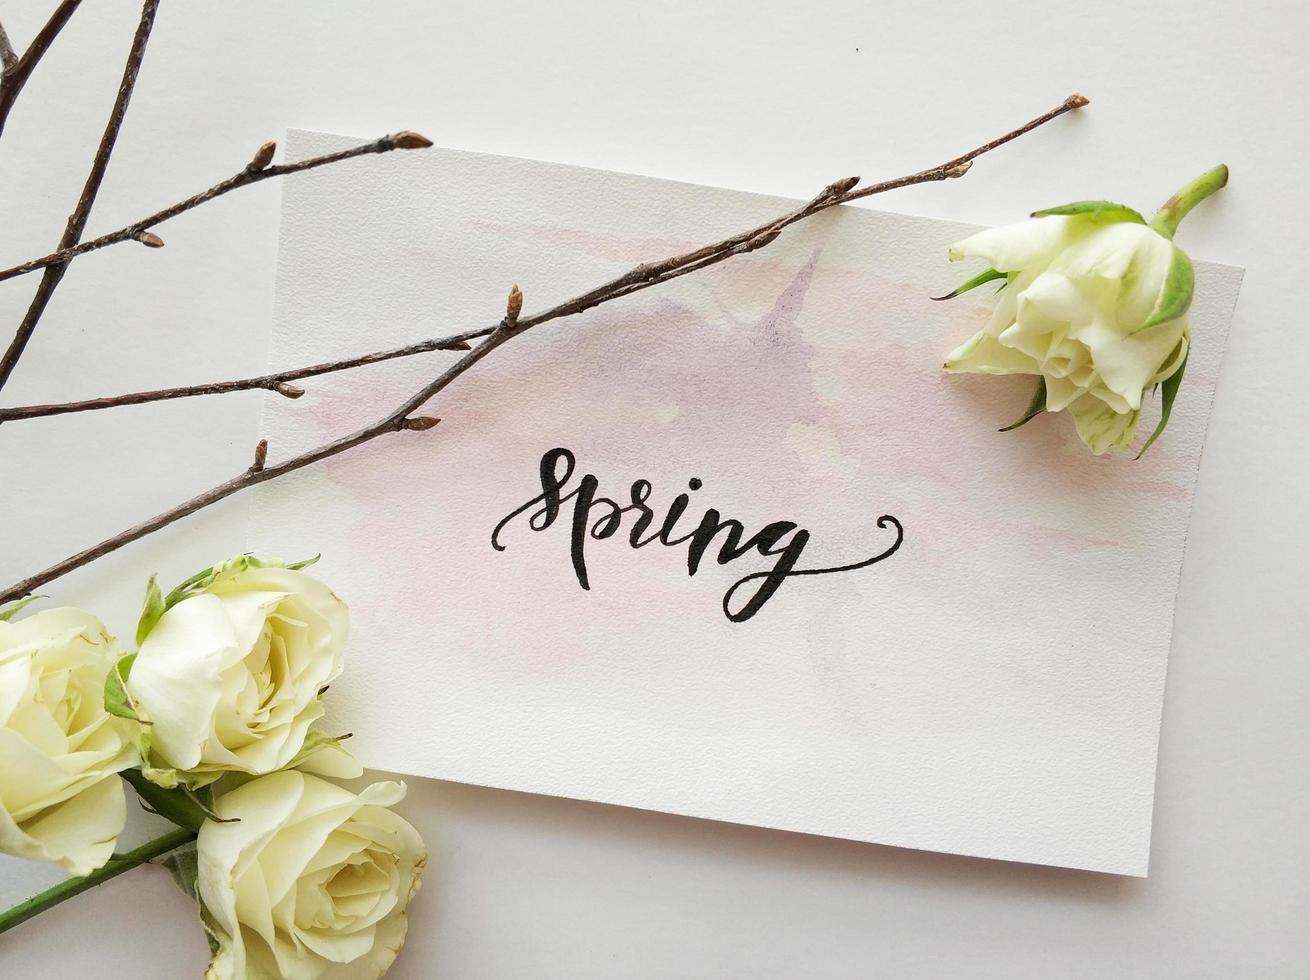 voorjaar bord met witte bloemen foto